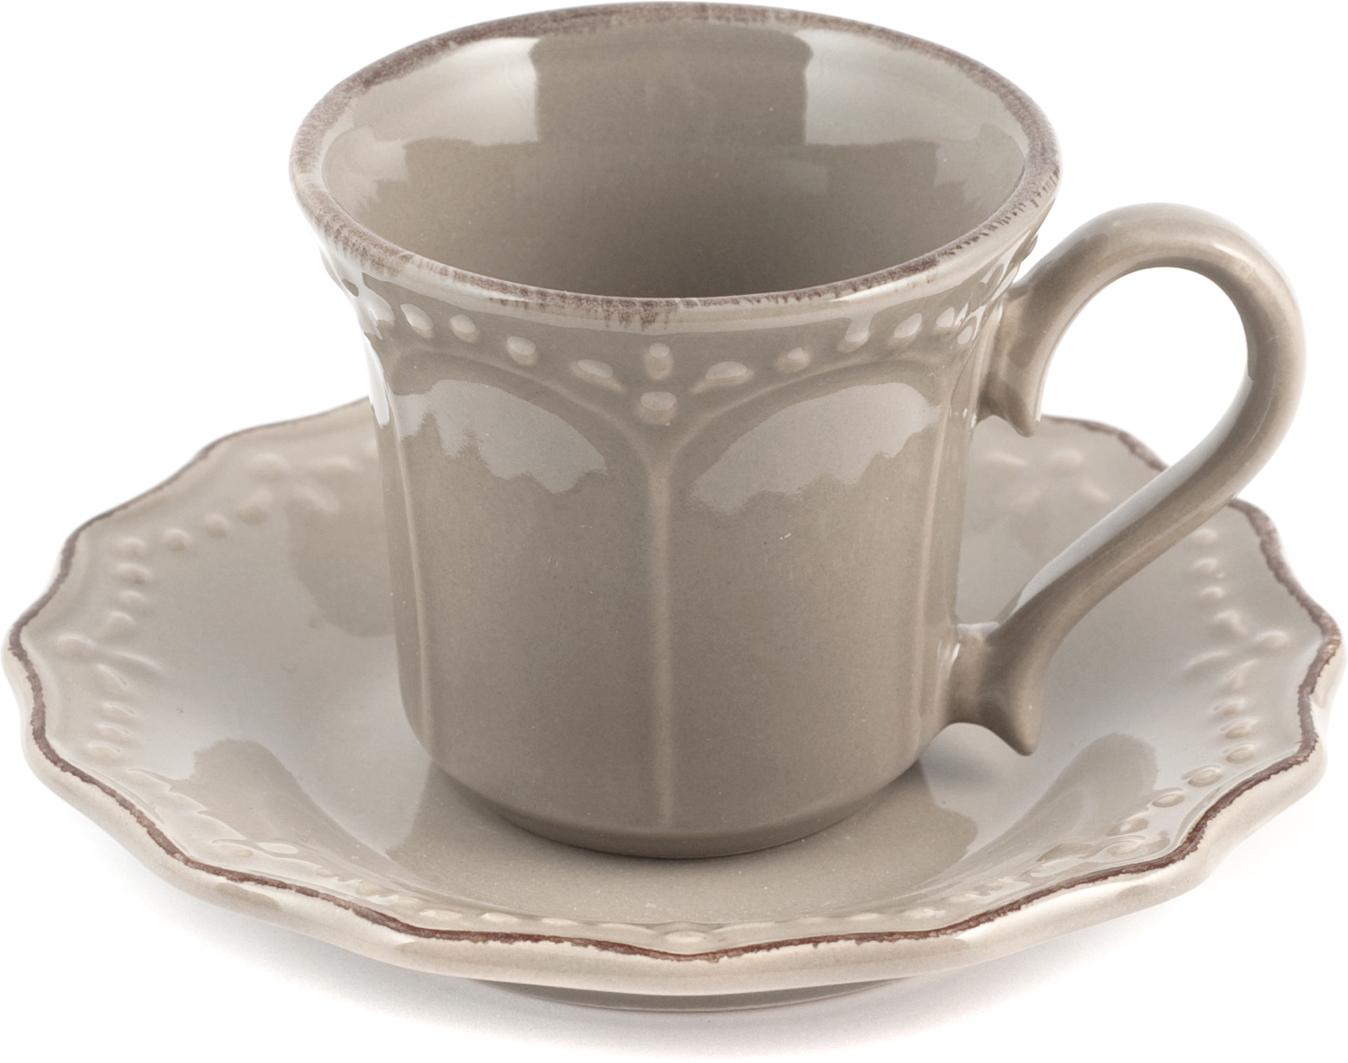 Кофе - напиток, который ценят и любят во всех странах мира. Однако не все знают, как на вкус этого напитка влияет посуда, в которой его подают. Кофейная пара Айвори создана специально для поклонников кофе и кофейных напитков. Приятная цветовая гамма, идеальный объем кружки в 180 мл и приятный текстурный узор позволят вам насладиться любимым напитком и с радостью угостить ваших гостей. Чашка и блюдце выполнены из керамики.